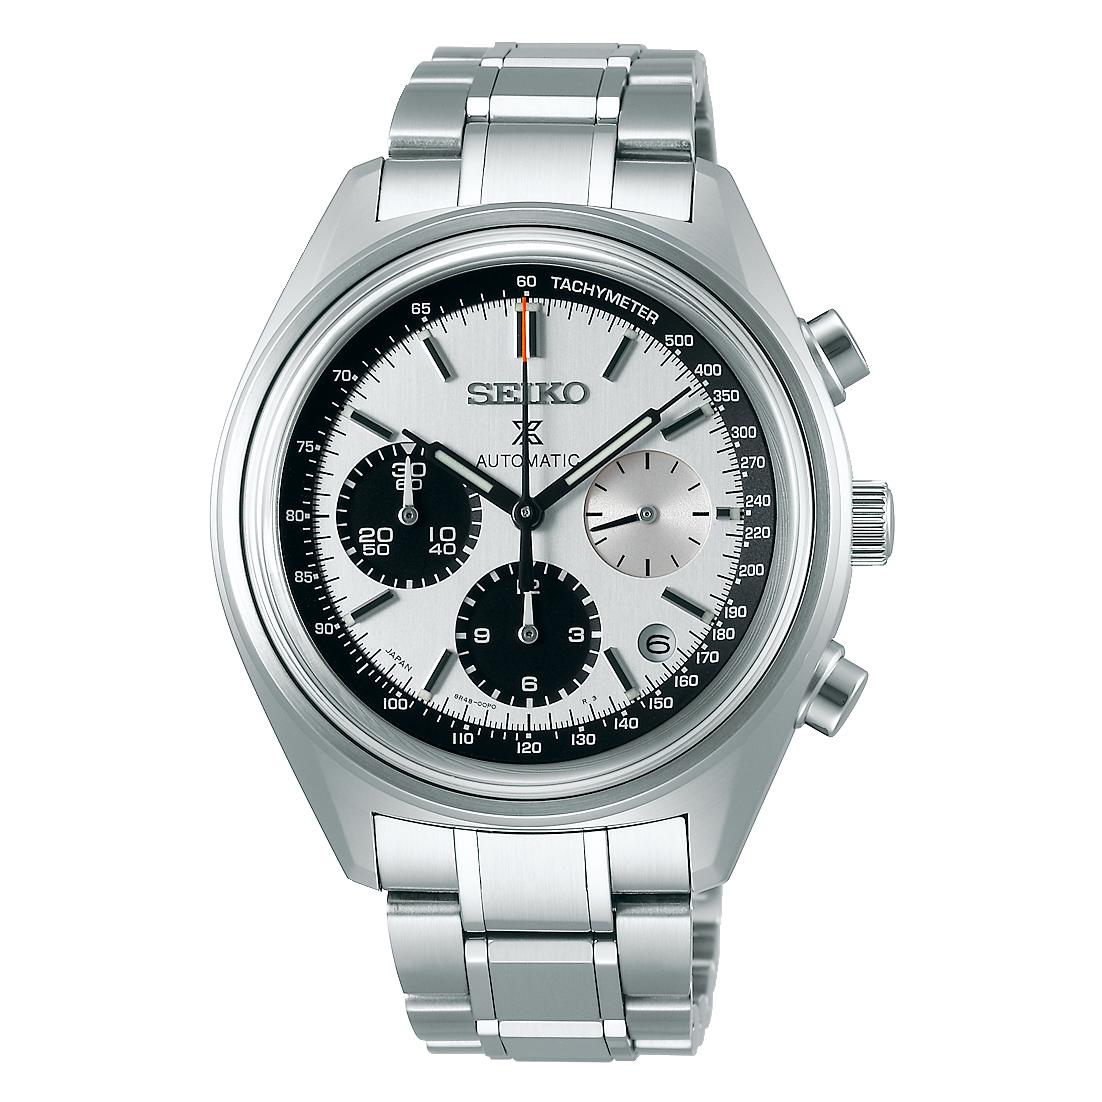 Seiko Prospex Automatikchronograph SRQ029J1 / SRQ029 50 th Anniversary